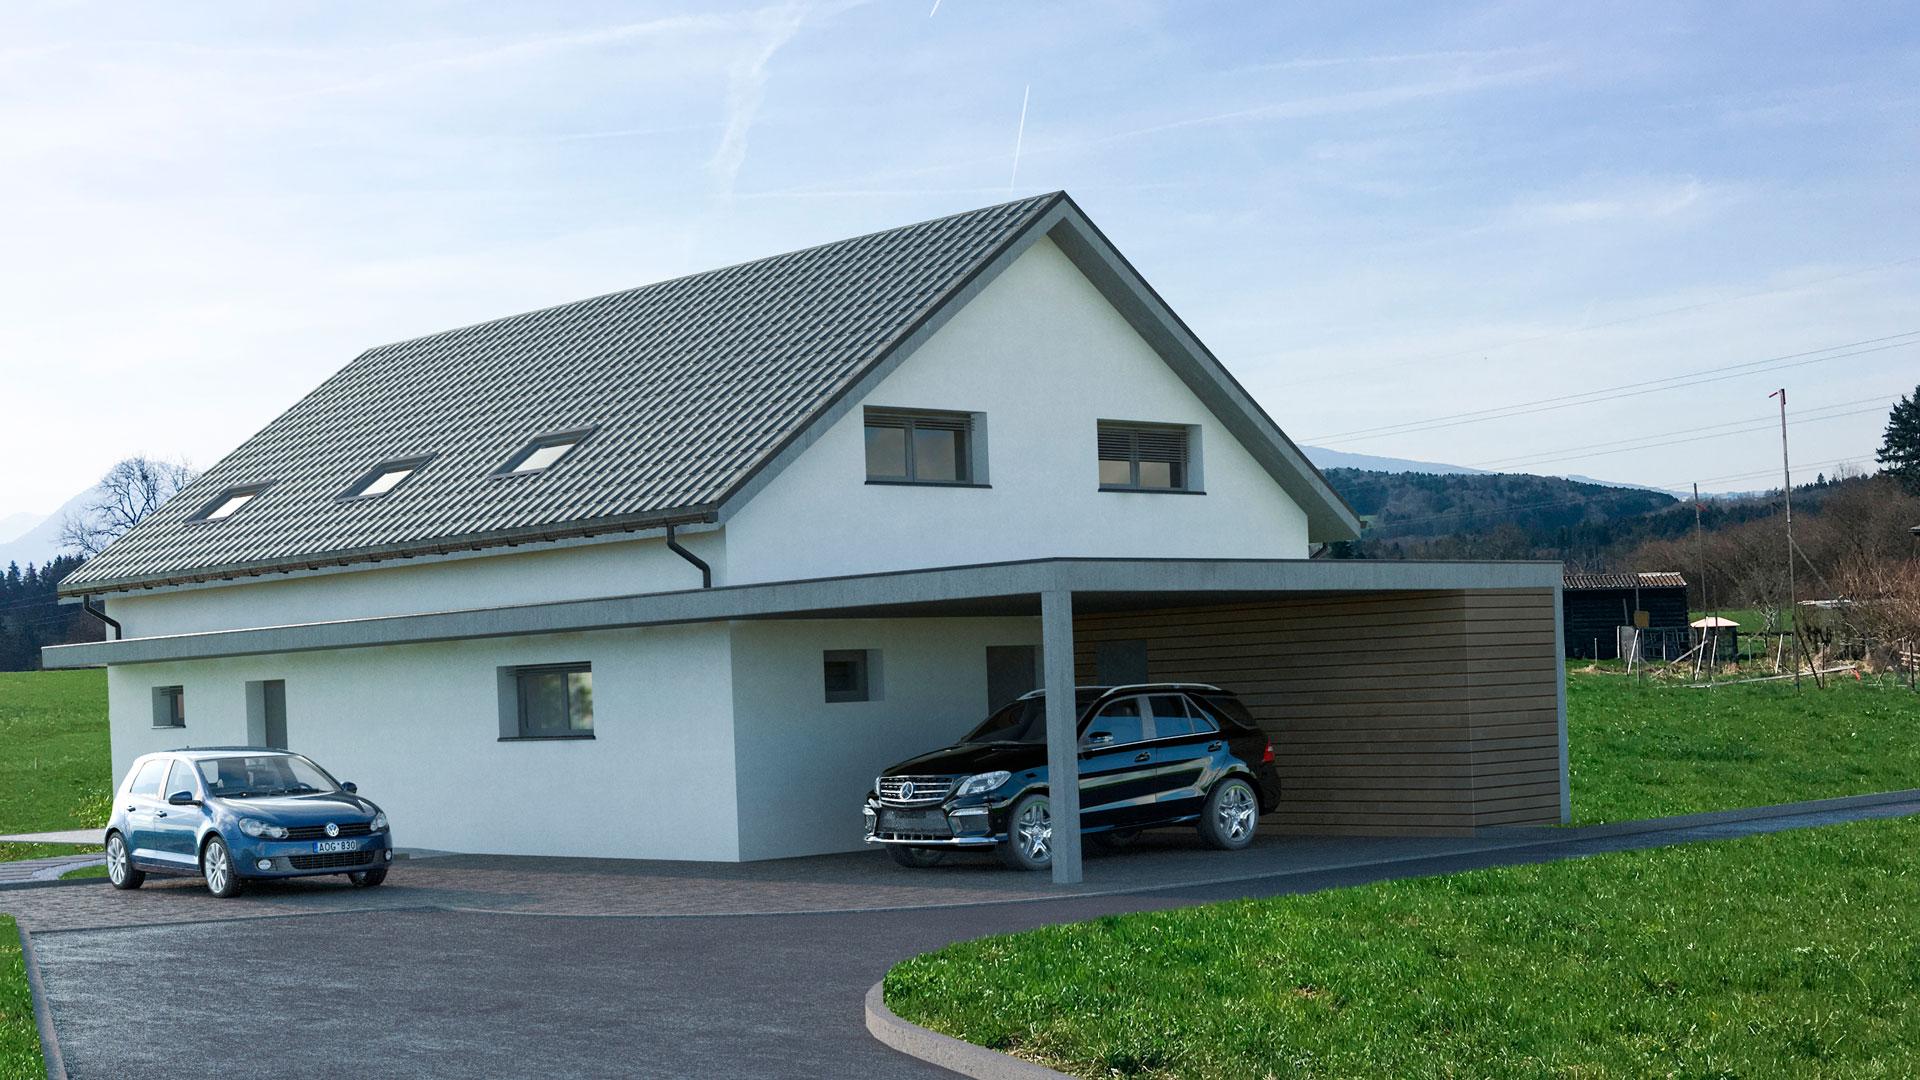 C3 Concept, visualisation 3D architecture à Bulle. Villarvolard extérieurs